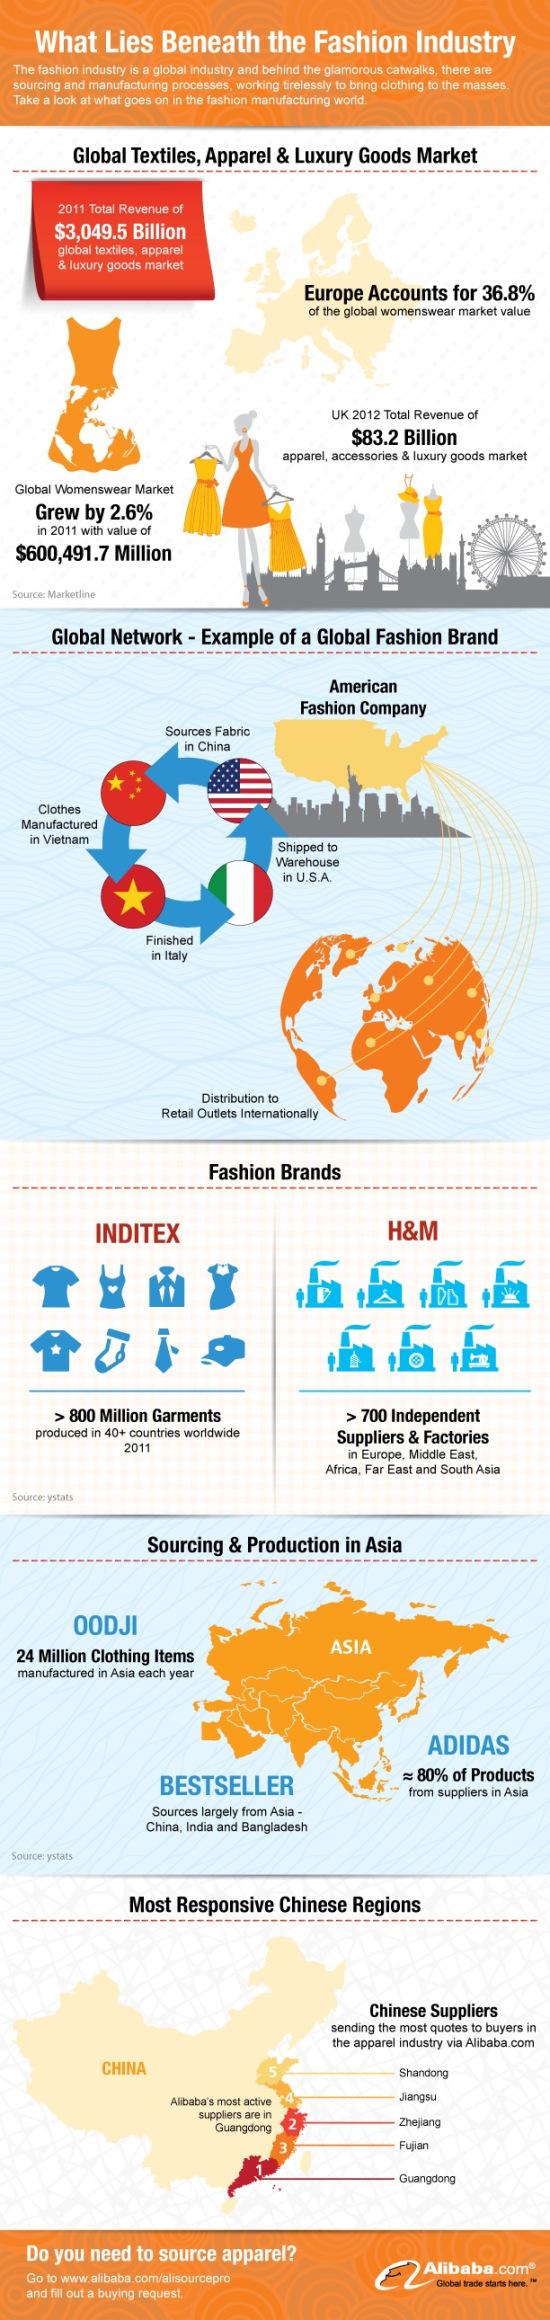 11. Revenue from Worldwide apparels